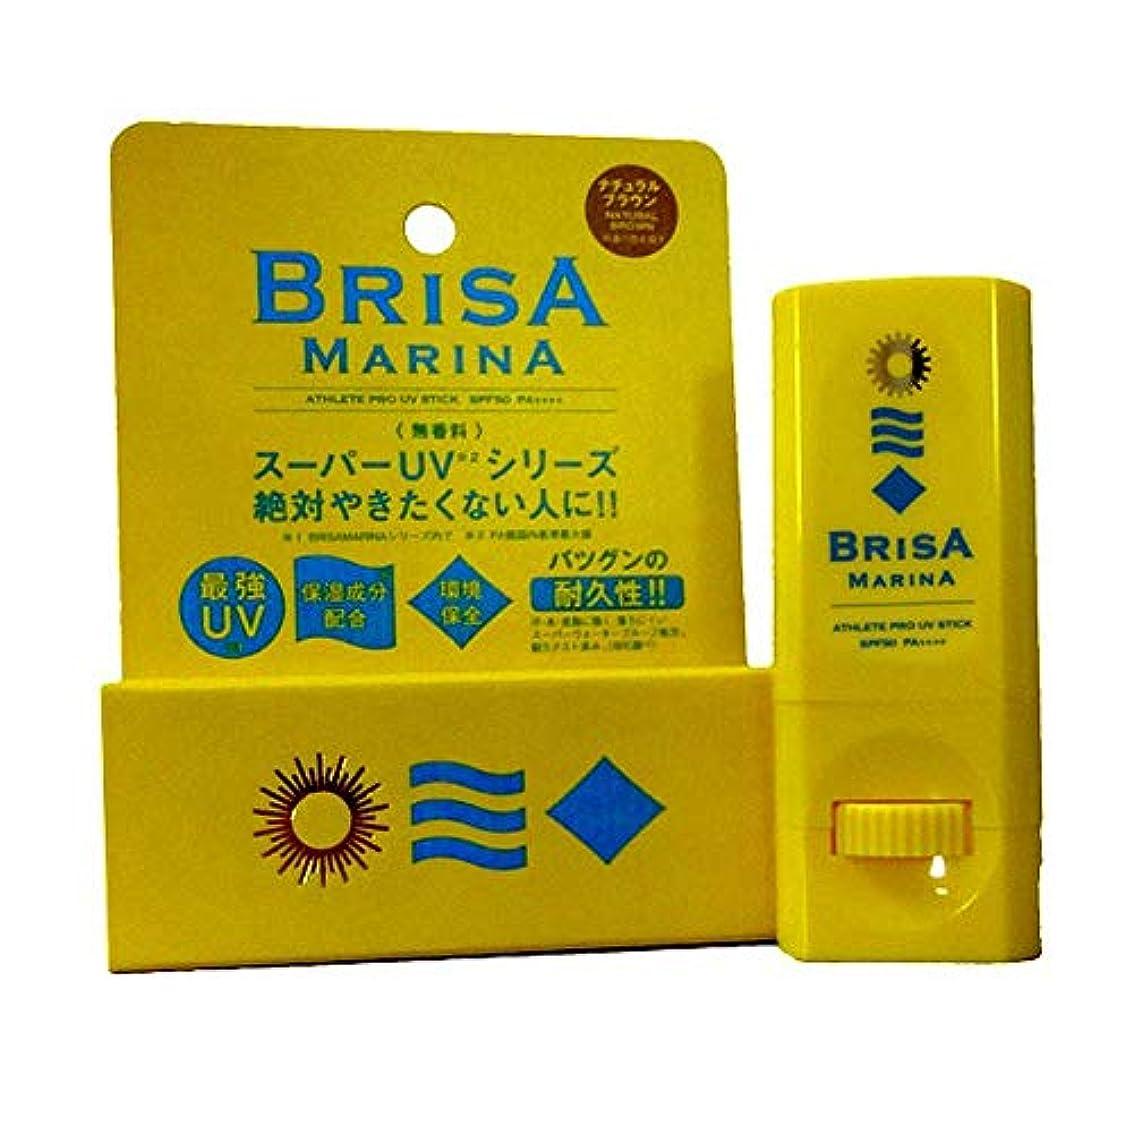 日帰り旅行にクレーター静けさBRISA MARINA(ブリサマリーナ) ATHLETE PRO UV STICK 10g 日焼け止め スティック (02-NATURAL BROWN)